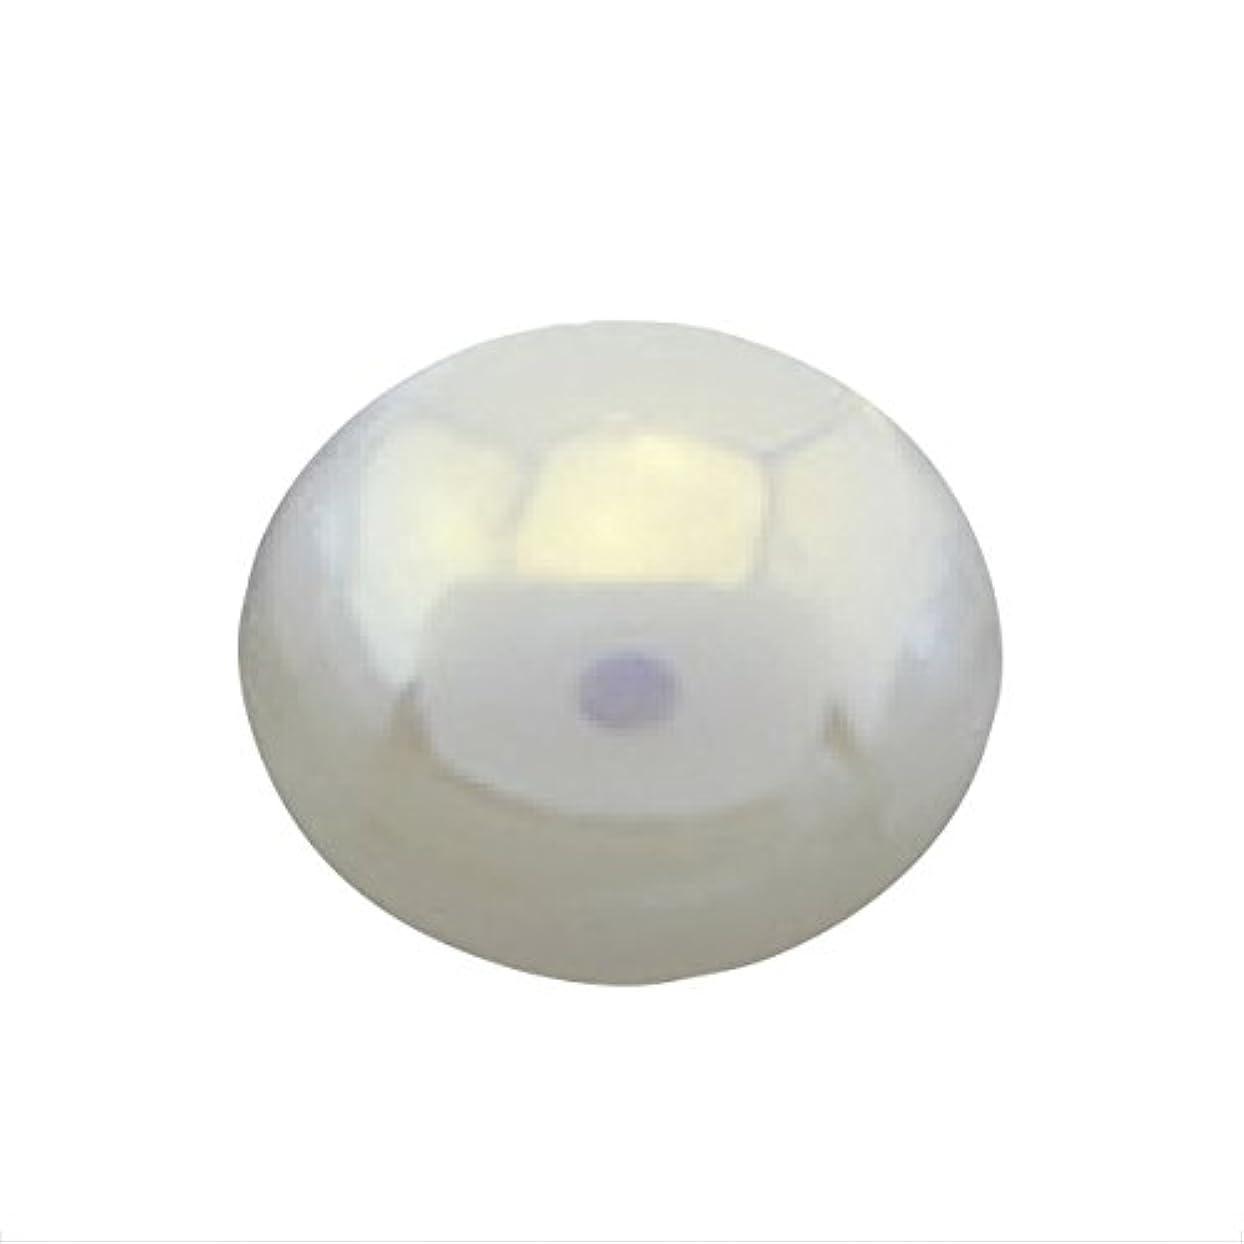 ロイヤリティ貧しい日常的にパールオーロラホワイト1.5mm(50個入り)